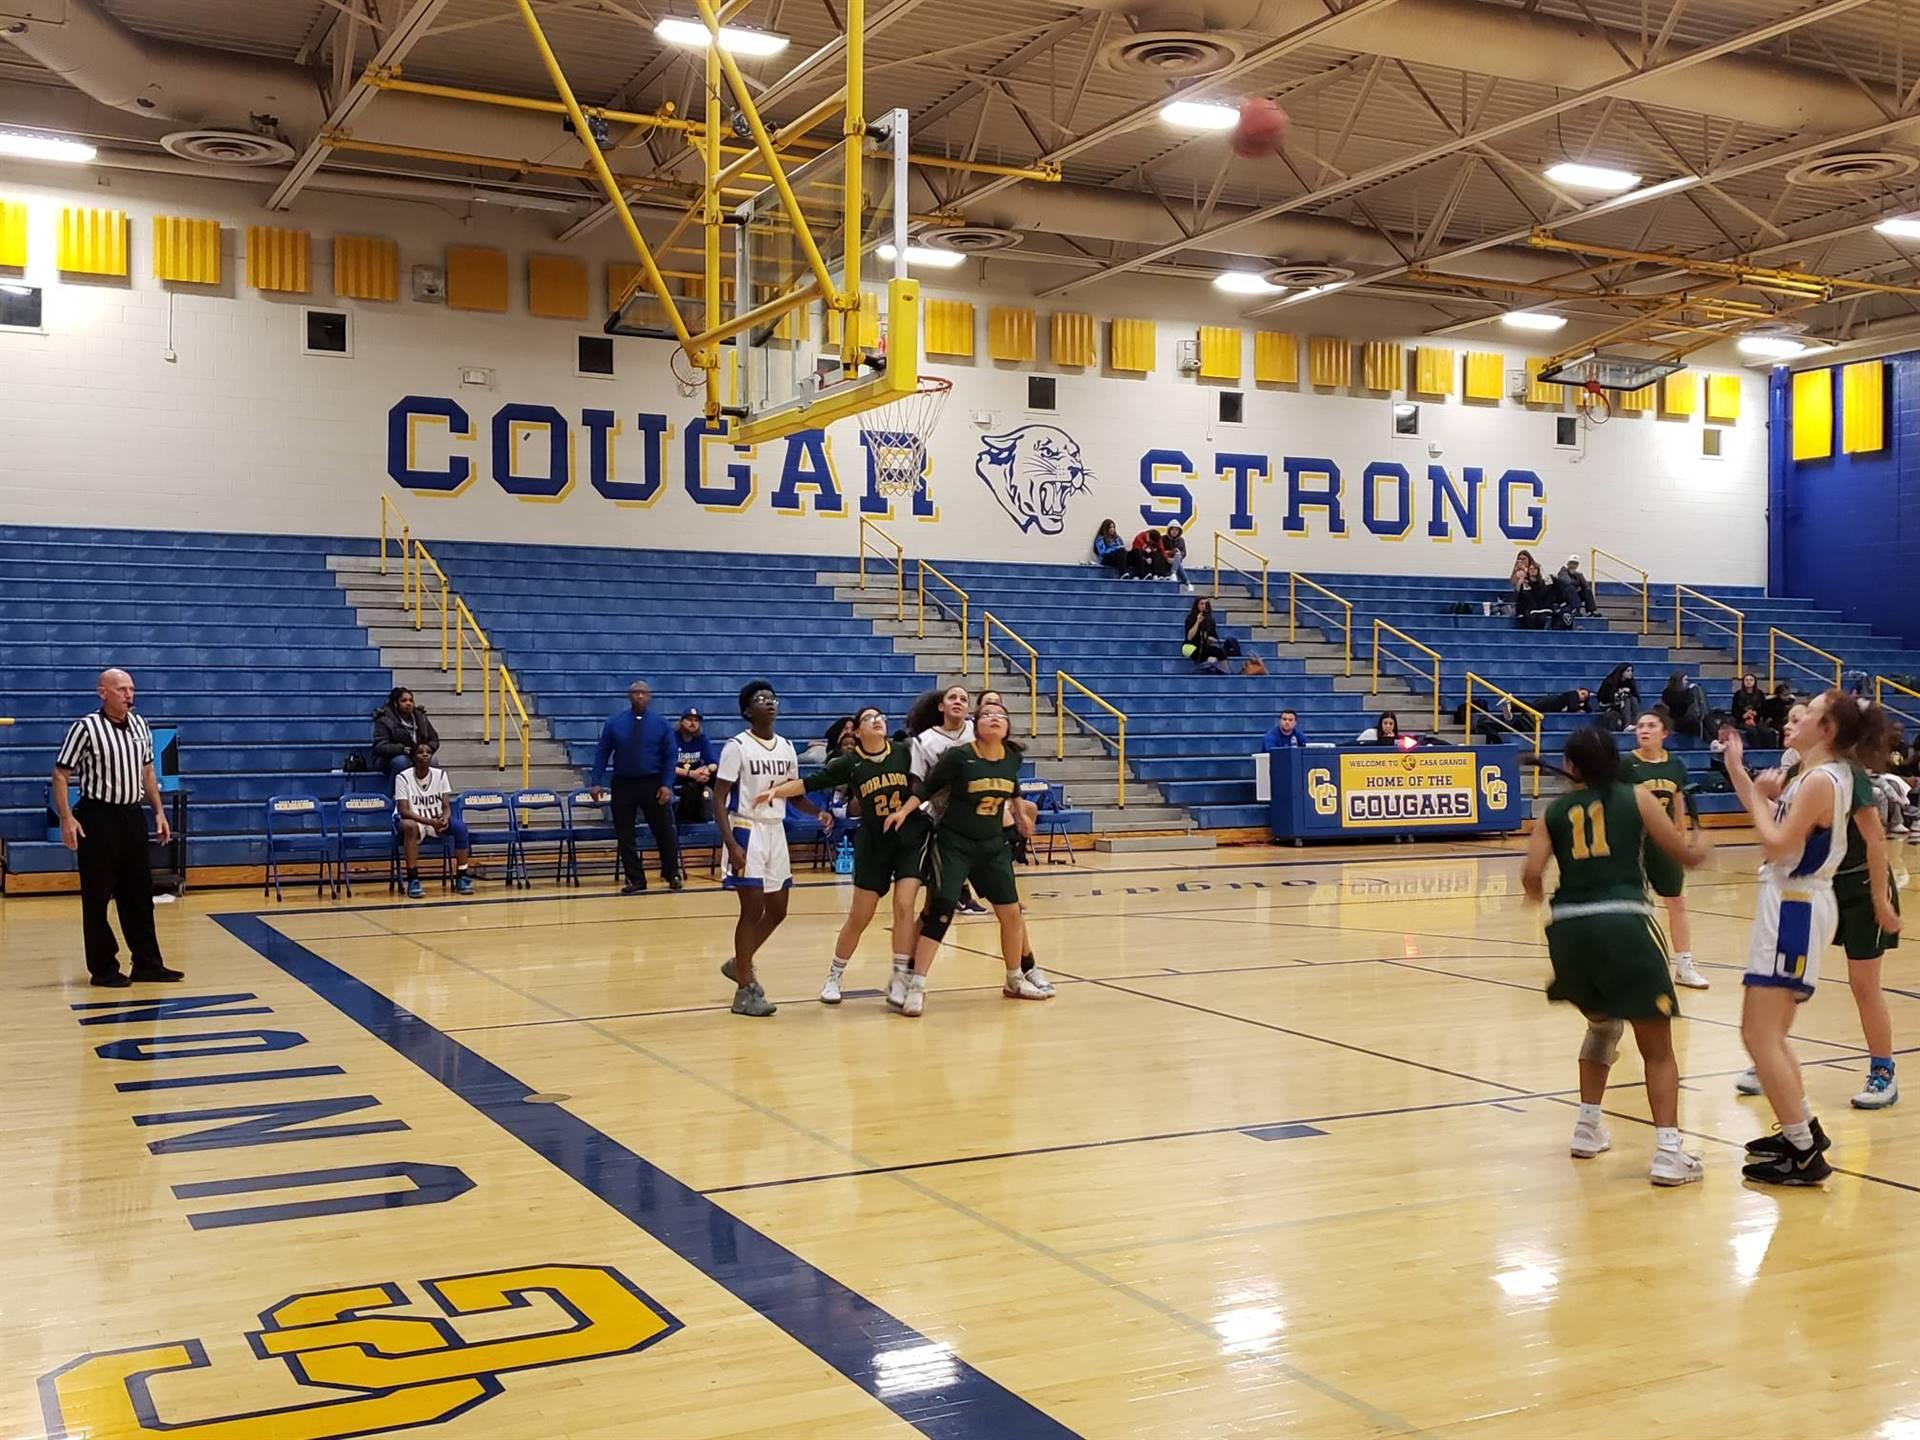 CG-BasketballGirls20200211 (2)